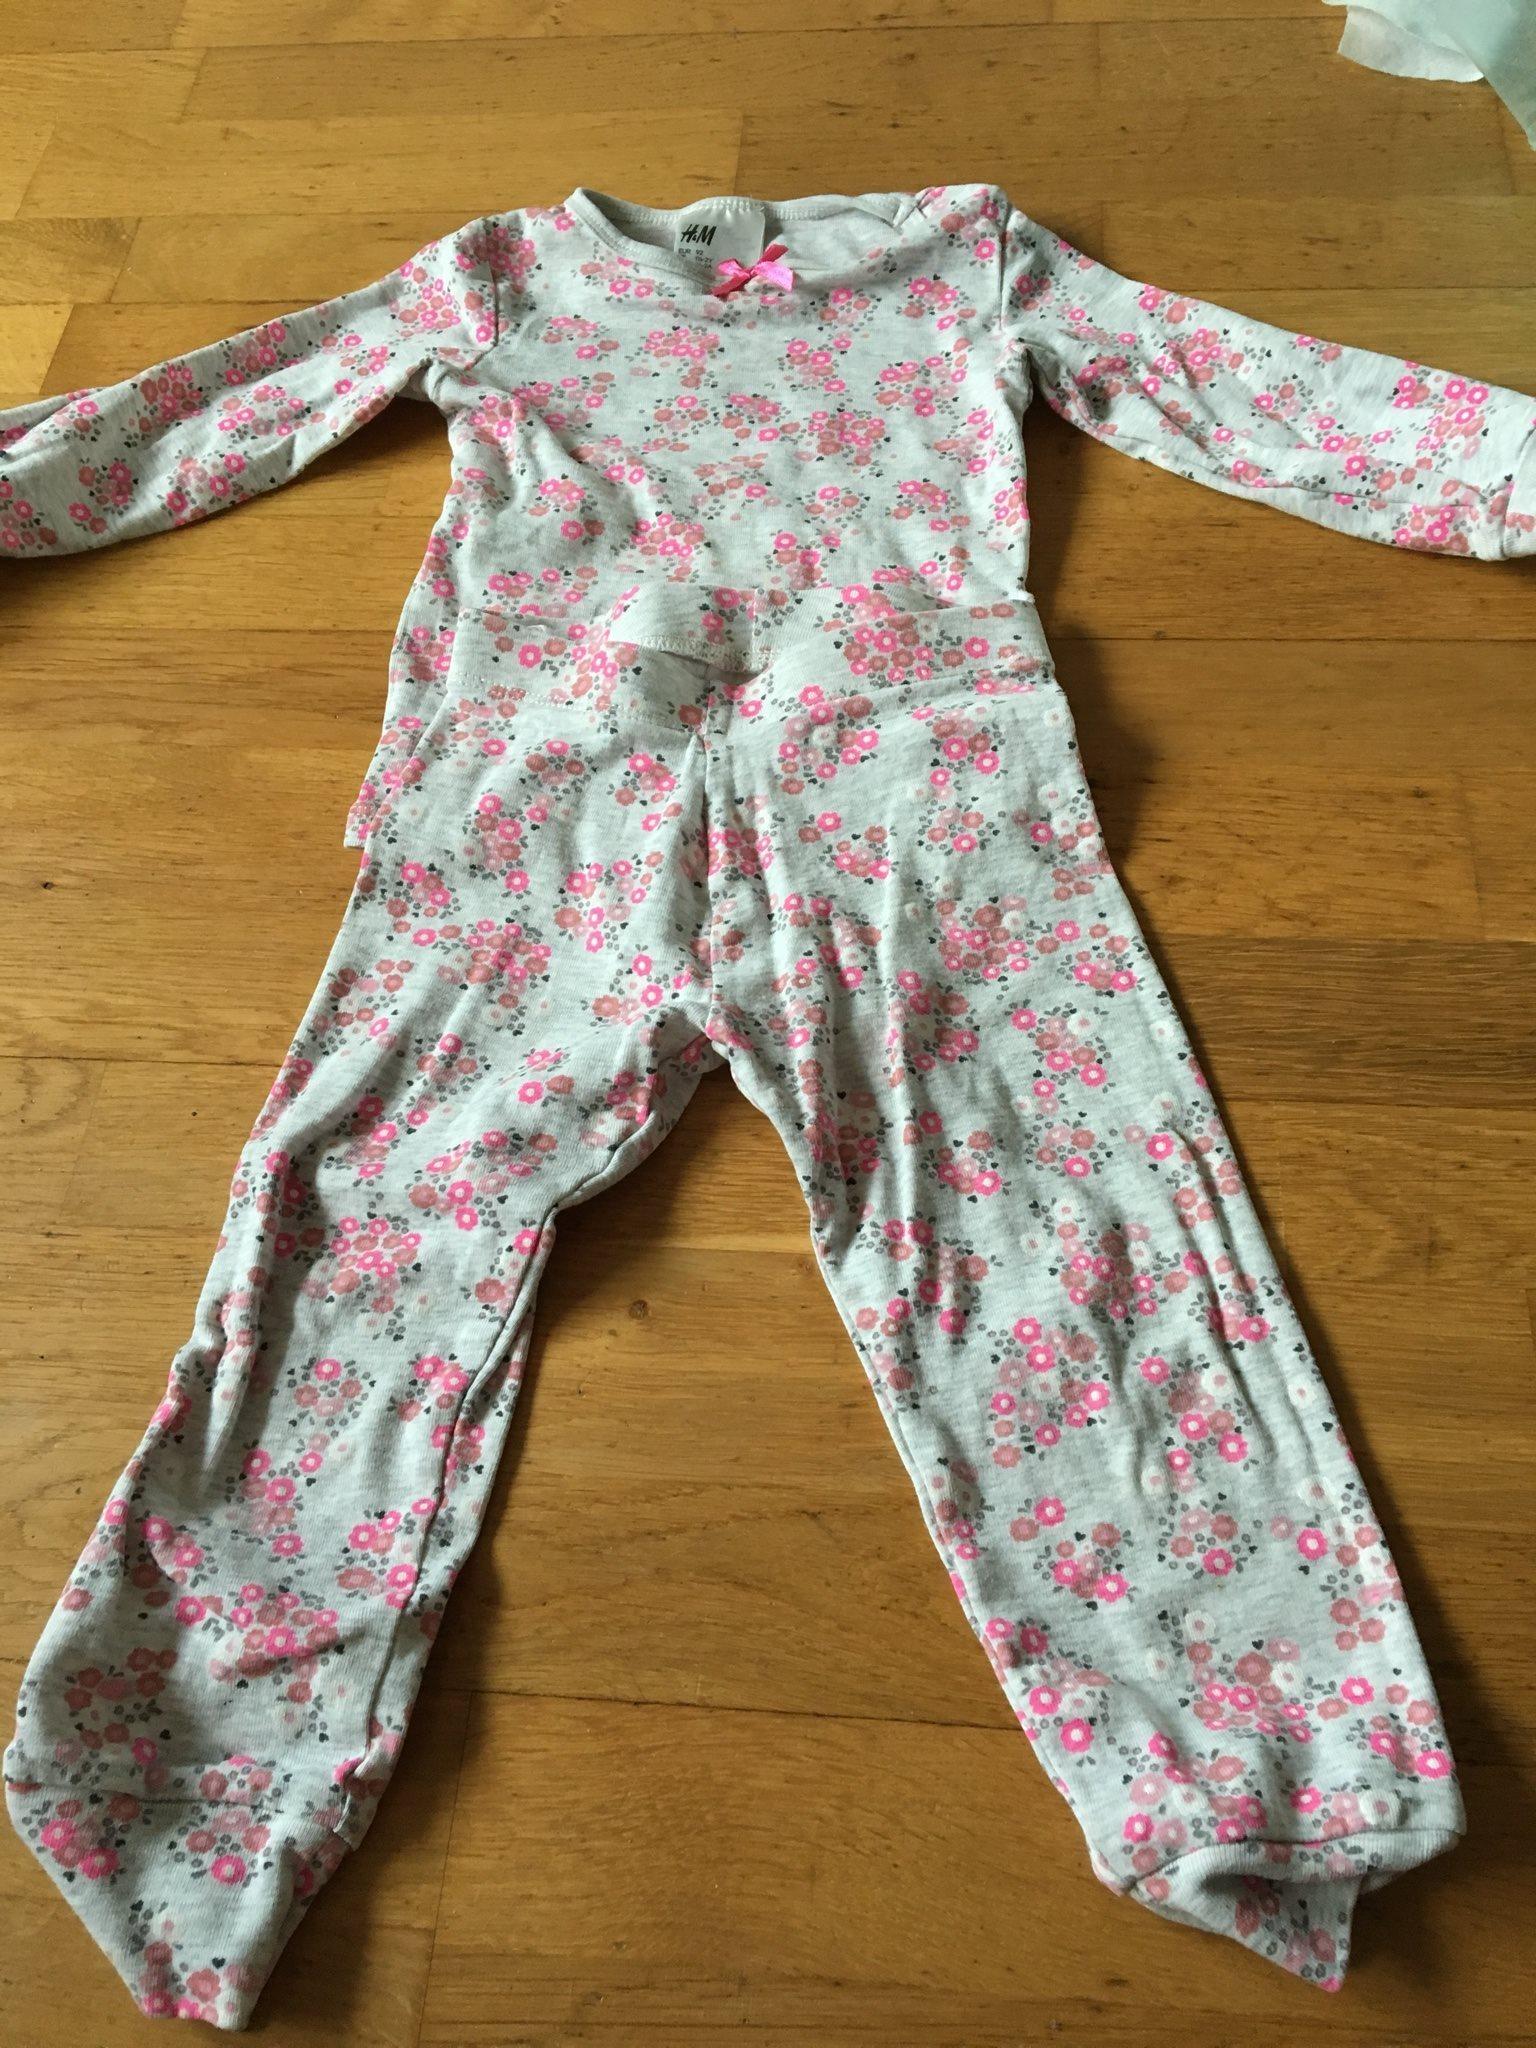 Underbar pyjamas från hm strl 92 (331885358) ᐈ Köp på Tradera 6d1a2d49f7d3e